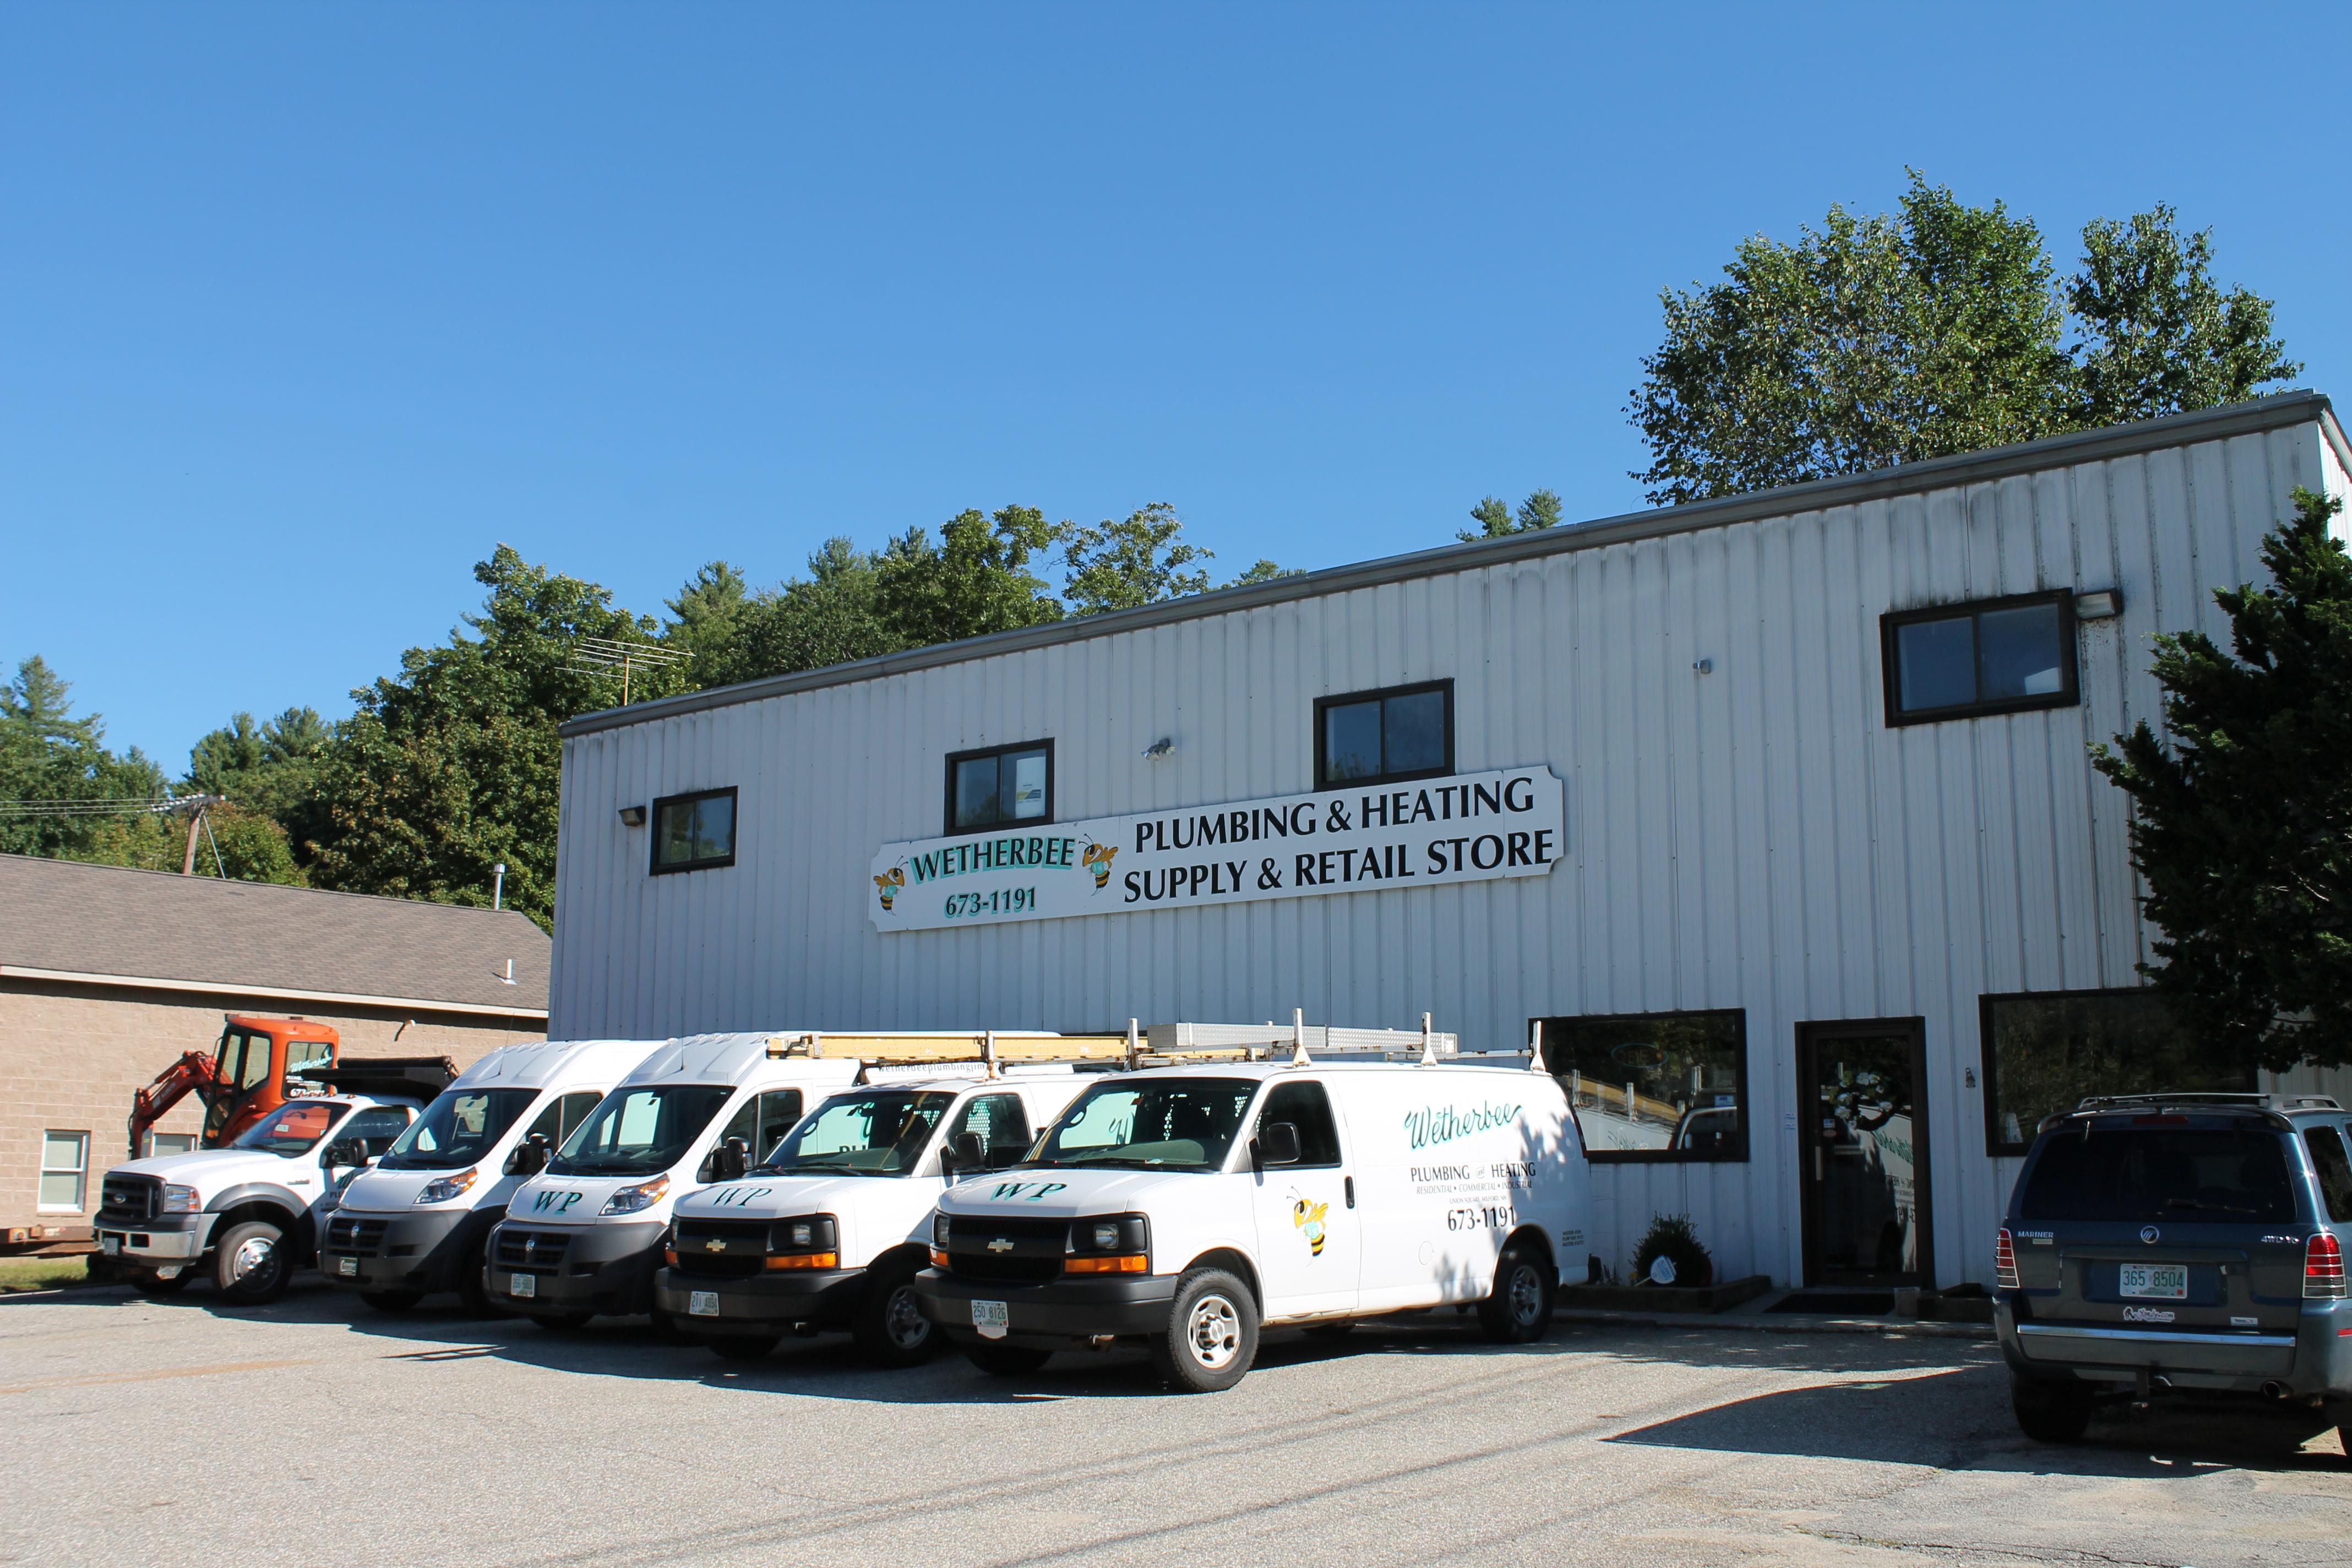 Wetherbee Plumbing & Heating Inc. 730 Elm St, Milford, NH 03055 - YP.com